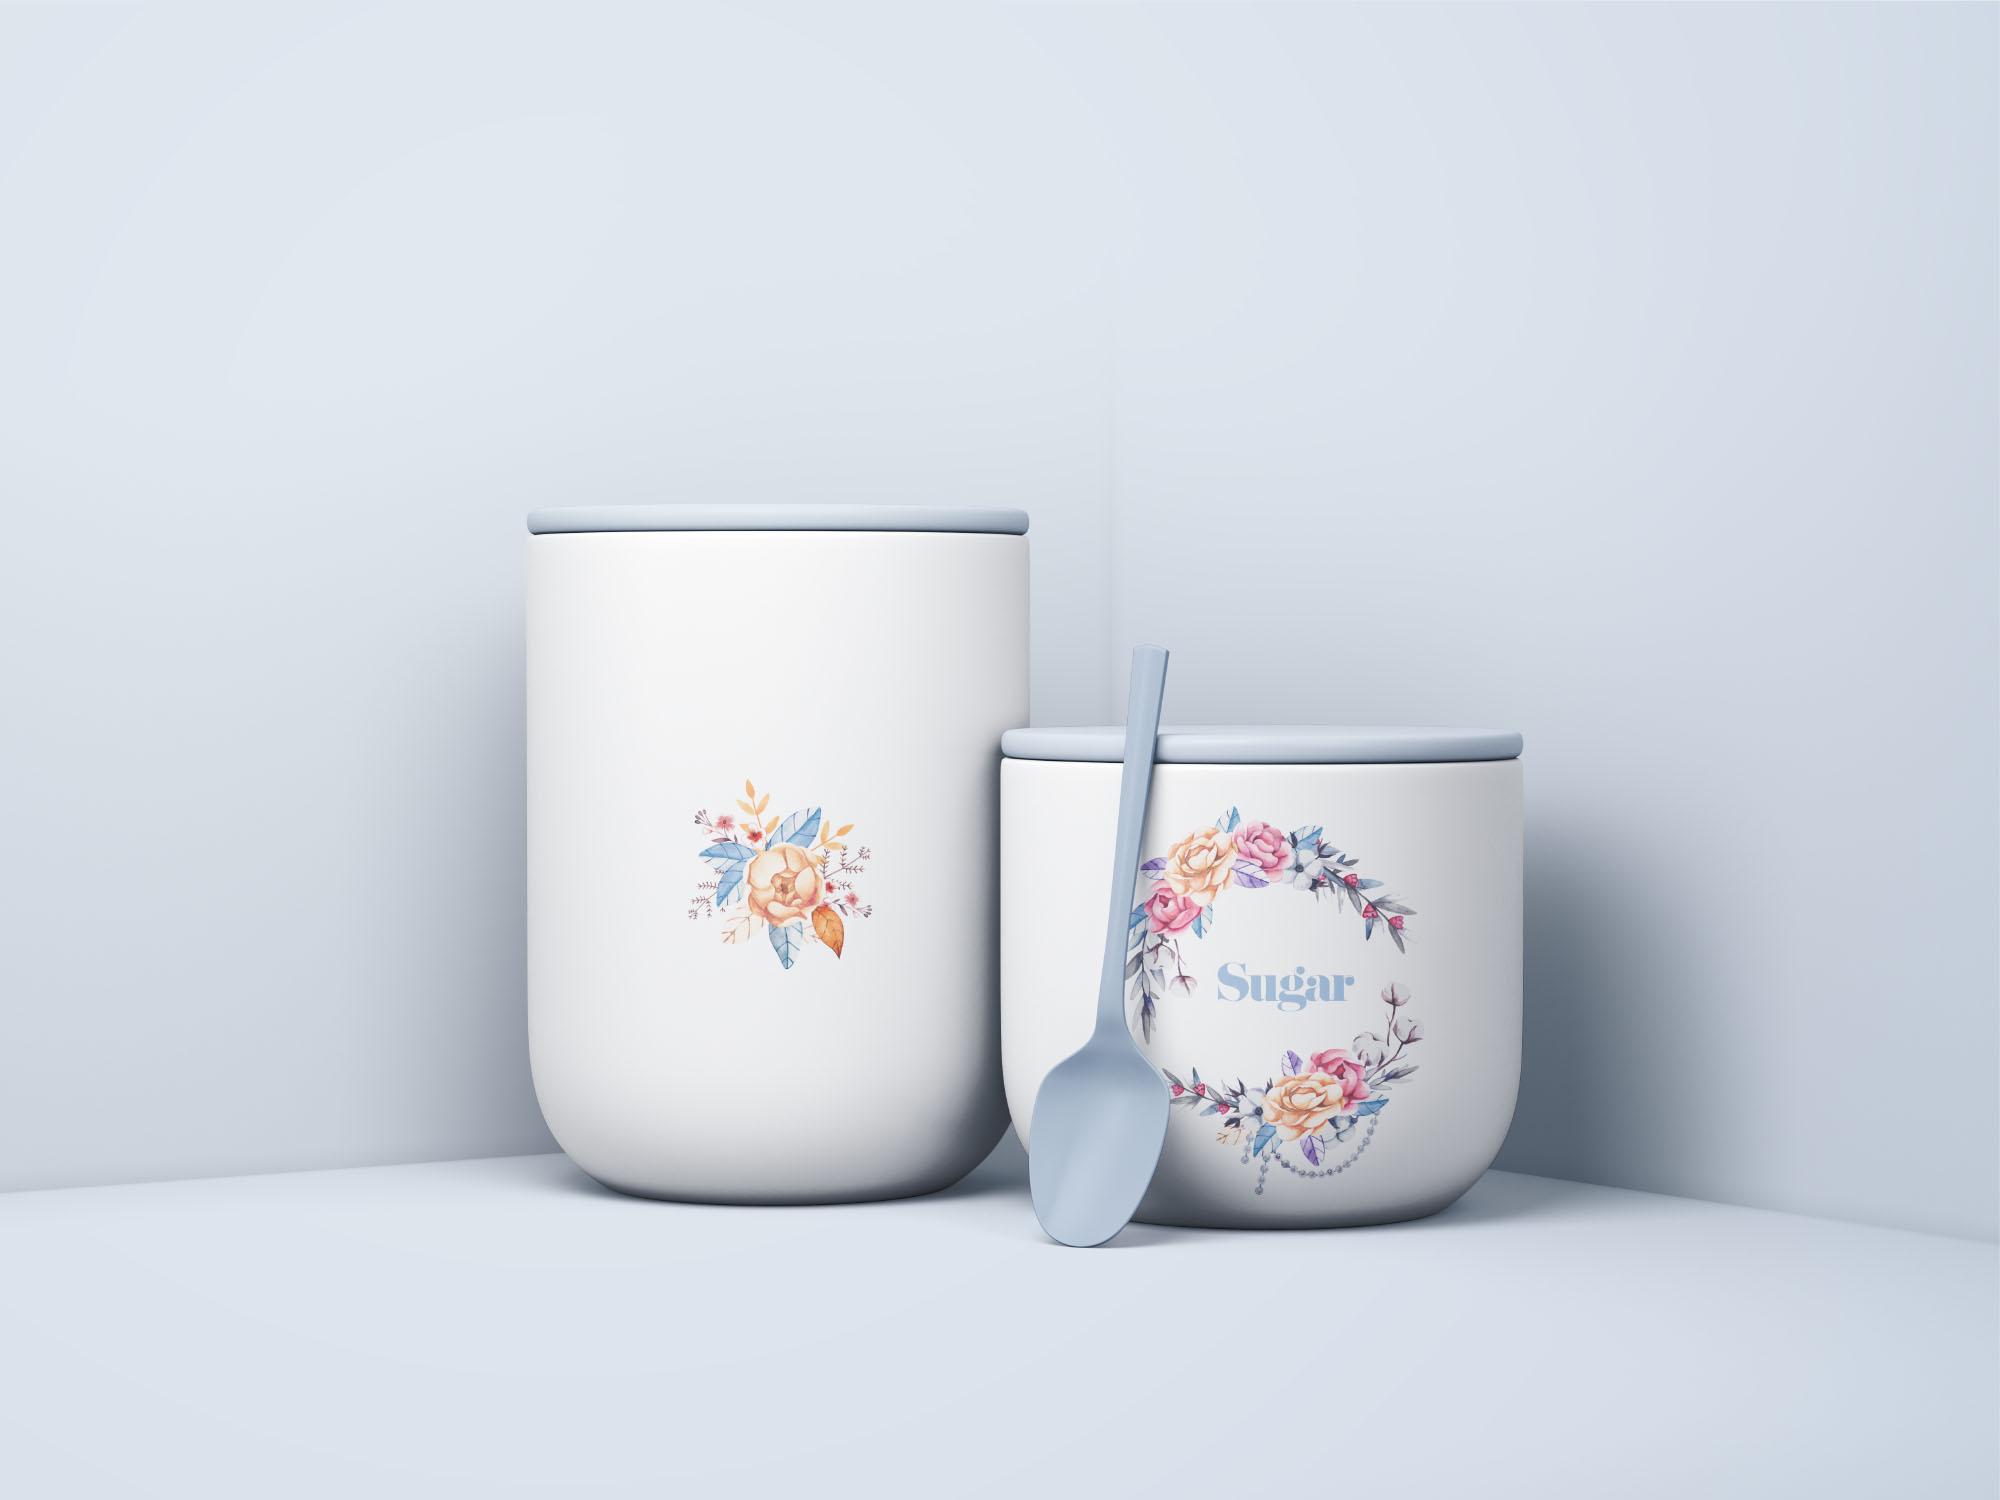 Minimal Jars with Spoon Mockup